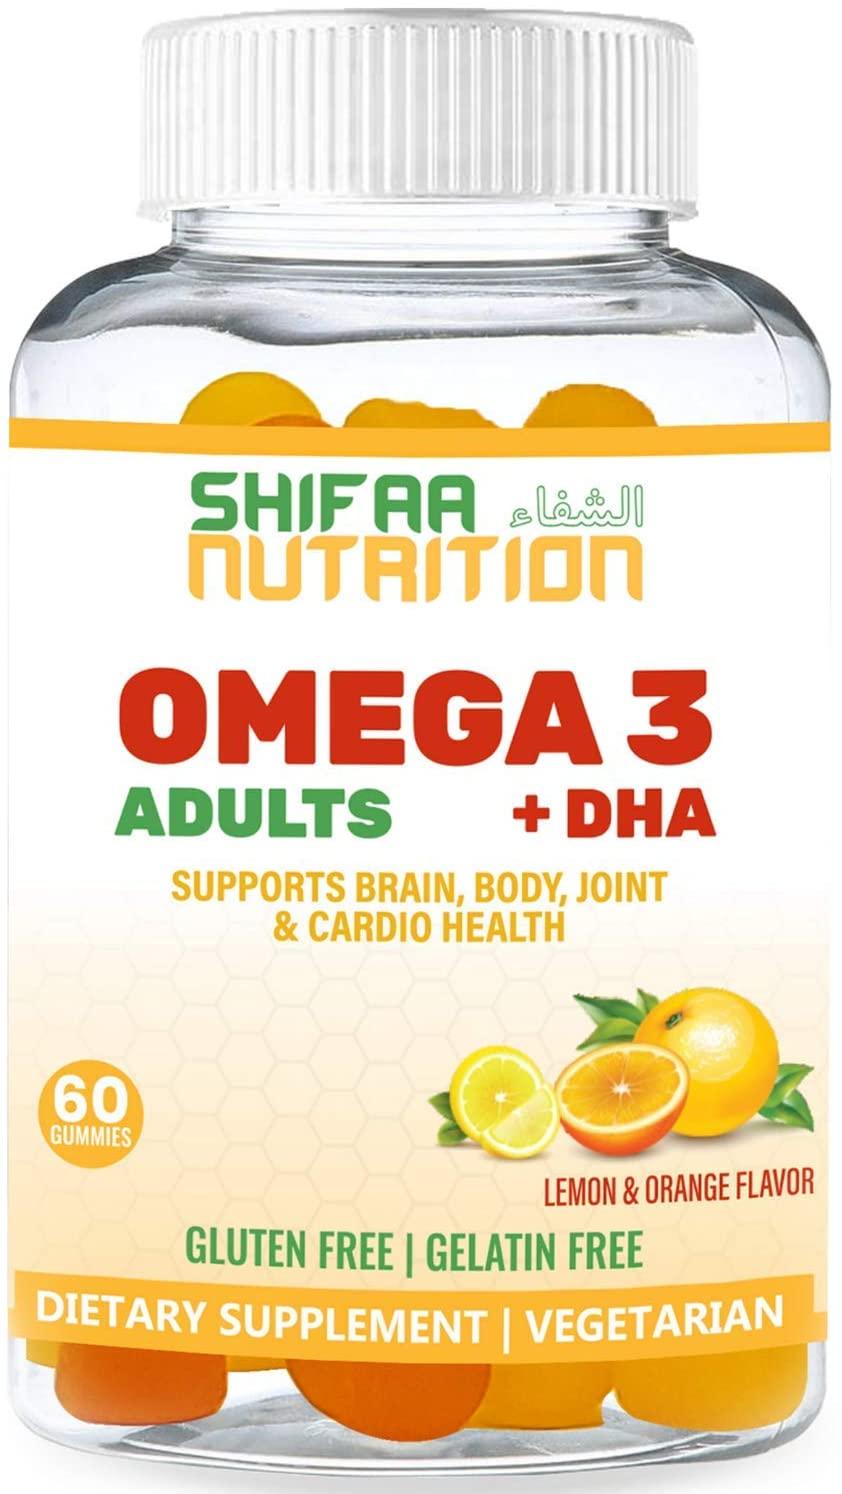 Shifaa Nutrition Omega 3 + DHA Vegan Gummies